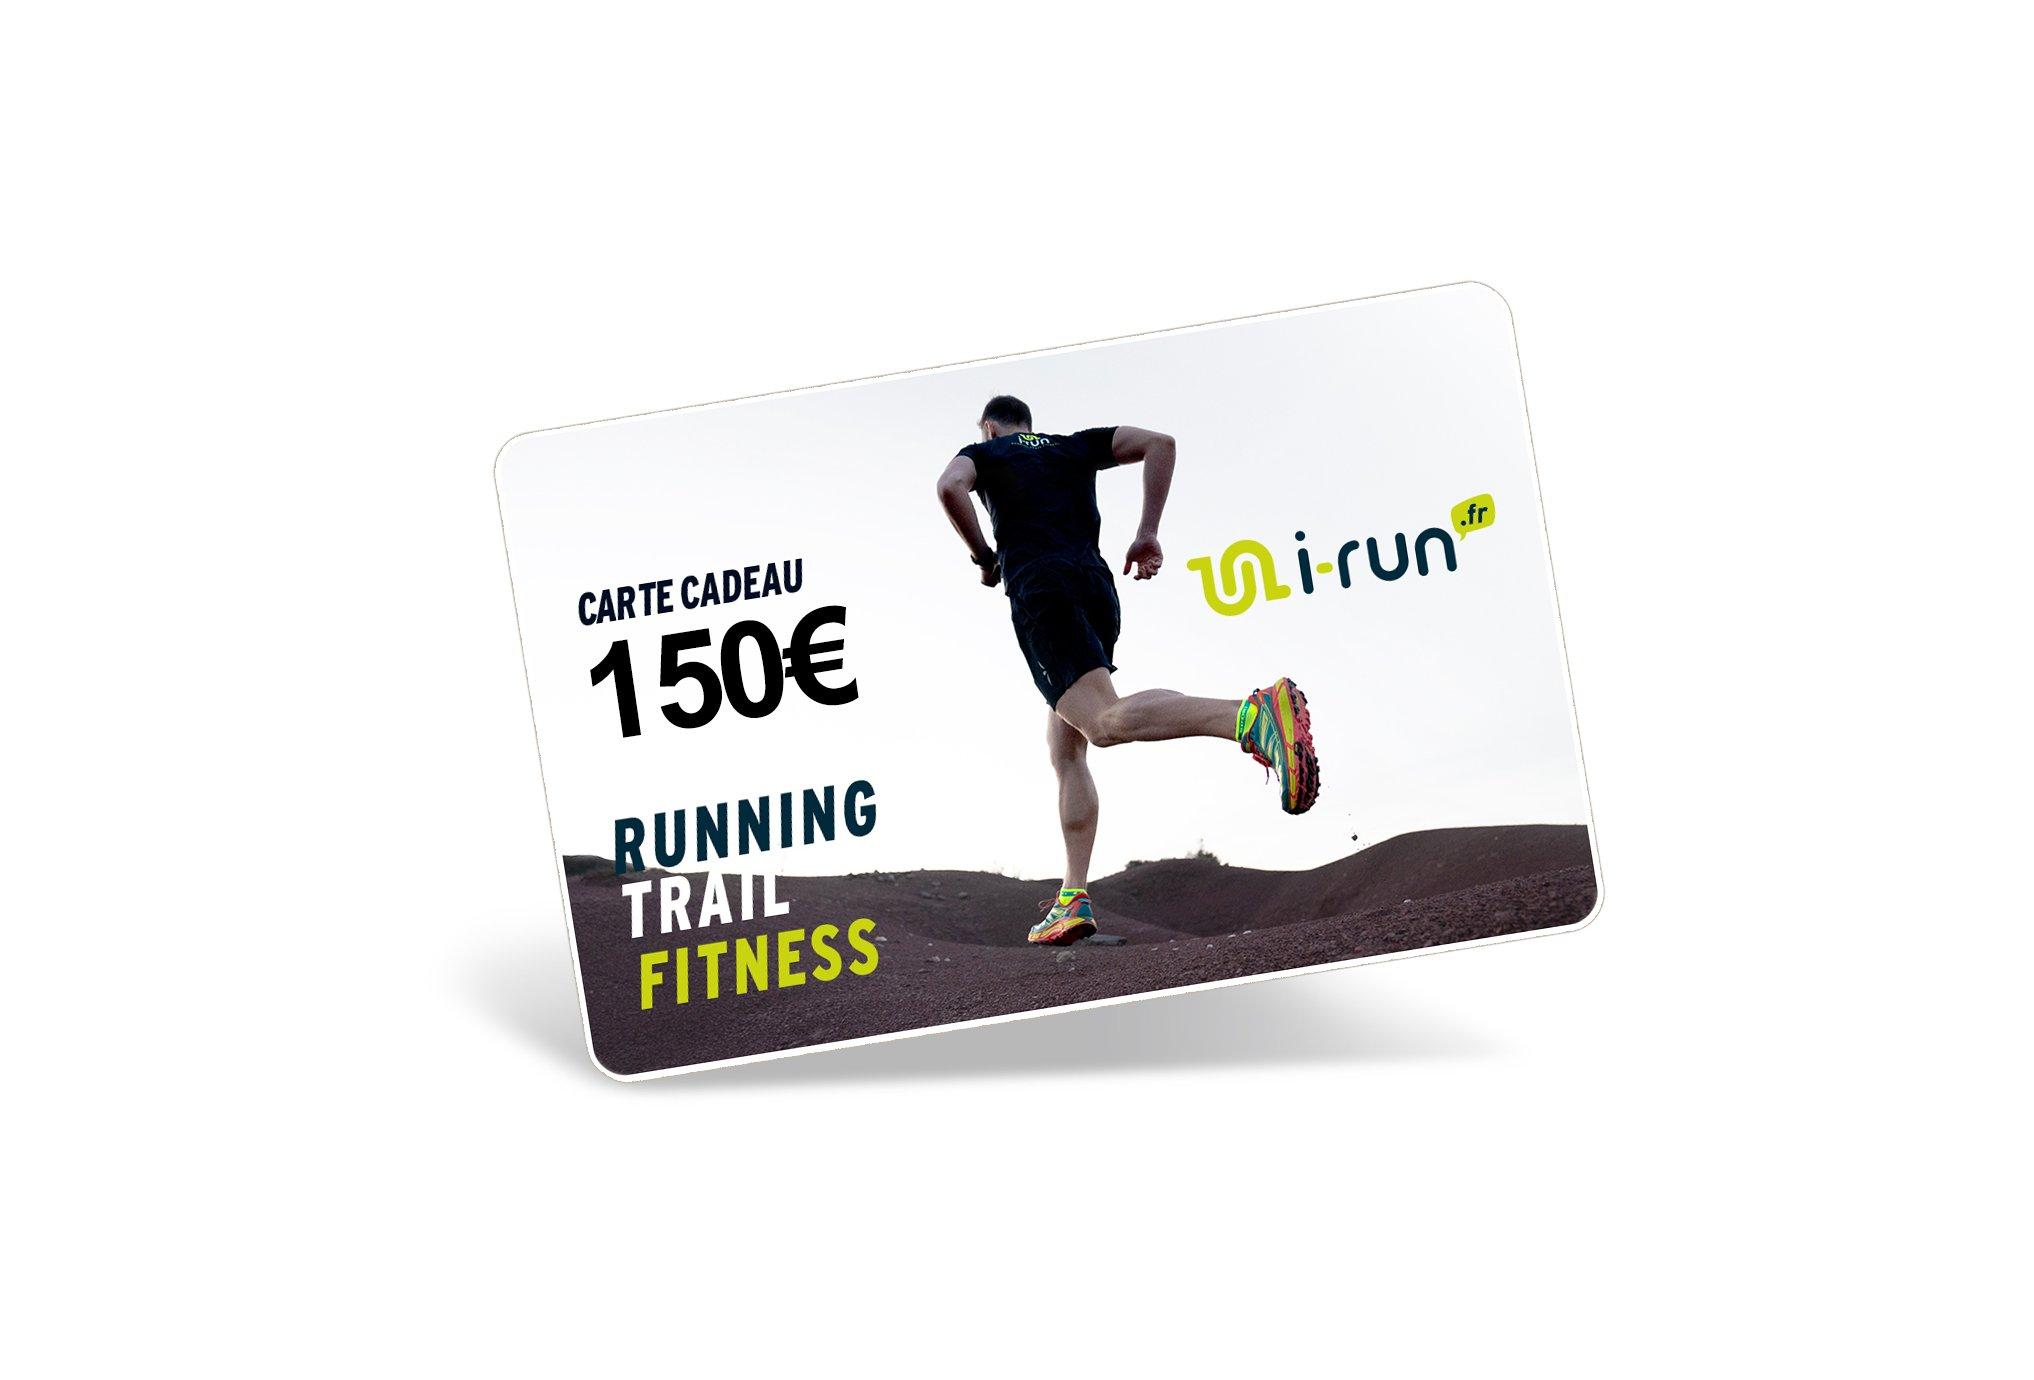 i-run.fr Carte Cadeau 150 M Cartes Cadeau